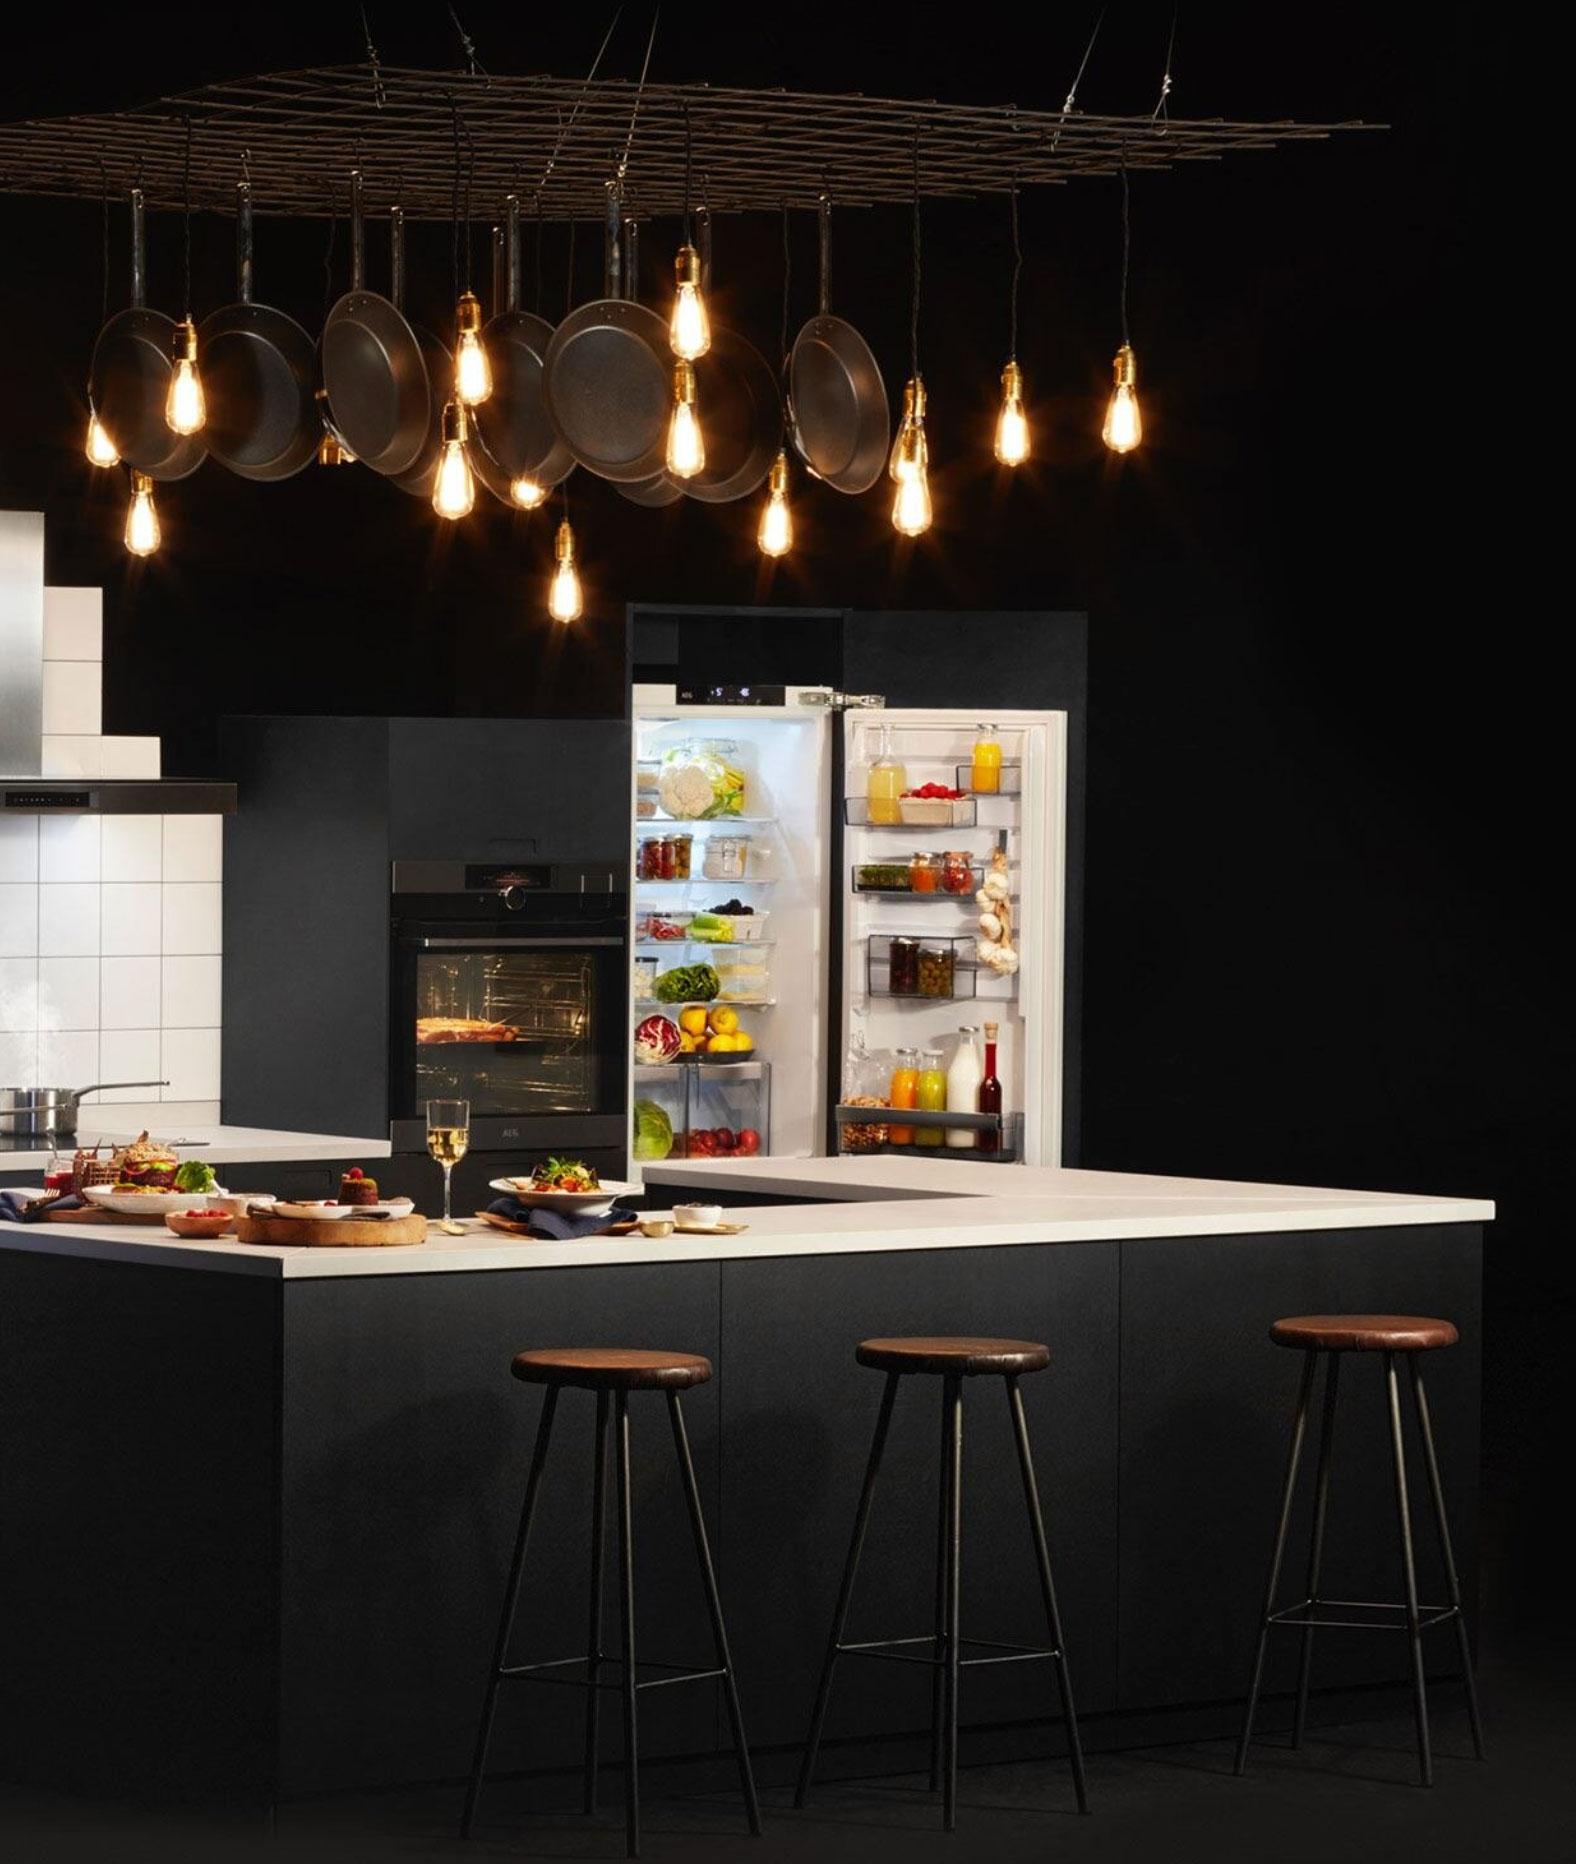 kjøkken, fronter, hvitevarer, stjernekjøkken, kjøkkeninredning, interiør kjøkken, kjøkken benkeplate, kjøkken løsninger, skapdører kjøkken, kjøkkeninnredning, kjøkken forhandlere, kjøkken fornying, showroom, folie, heltre, finér, mdf, glass, ncs, kjøl, frys, fryser, kombi, steam, damp, oppvaskmaskin, oppvask, komfyr, plate, vifte, ventilator, vinskap, vacuumforsegler, innebygd espressomaskin, kjøkkenkum stål, krum porselen, keramisk, silgranitt, corian, kjøkkenkum, tilbehør,  aeg, eletrolux, zanussi, røroshette, duravit, strømberg, nibu, tapwell, garderobe, oppussing